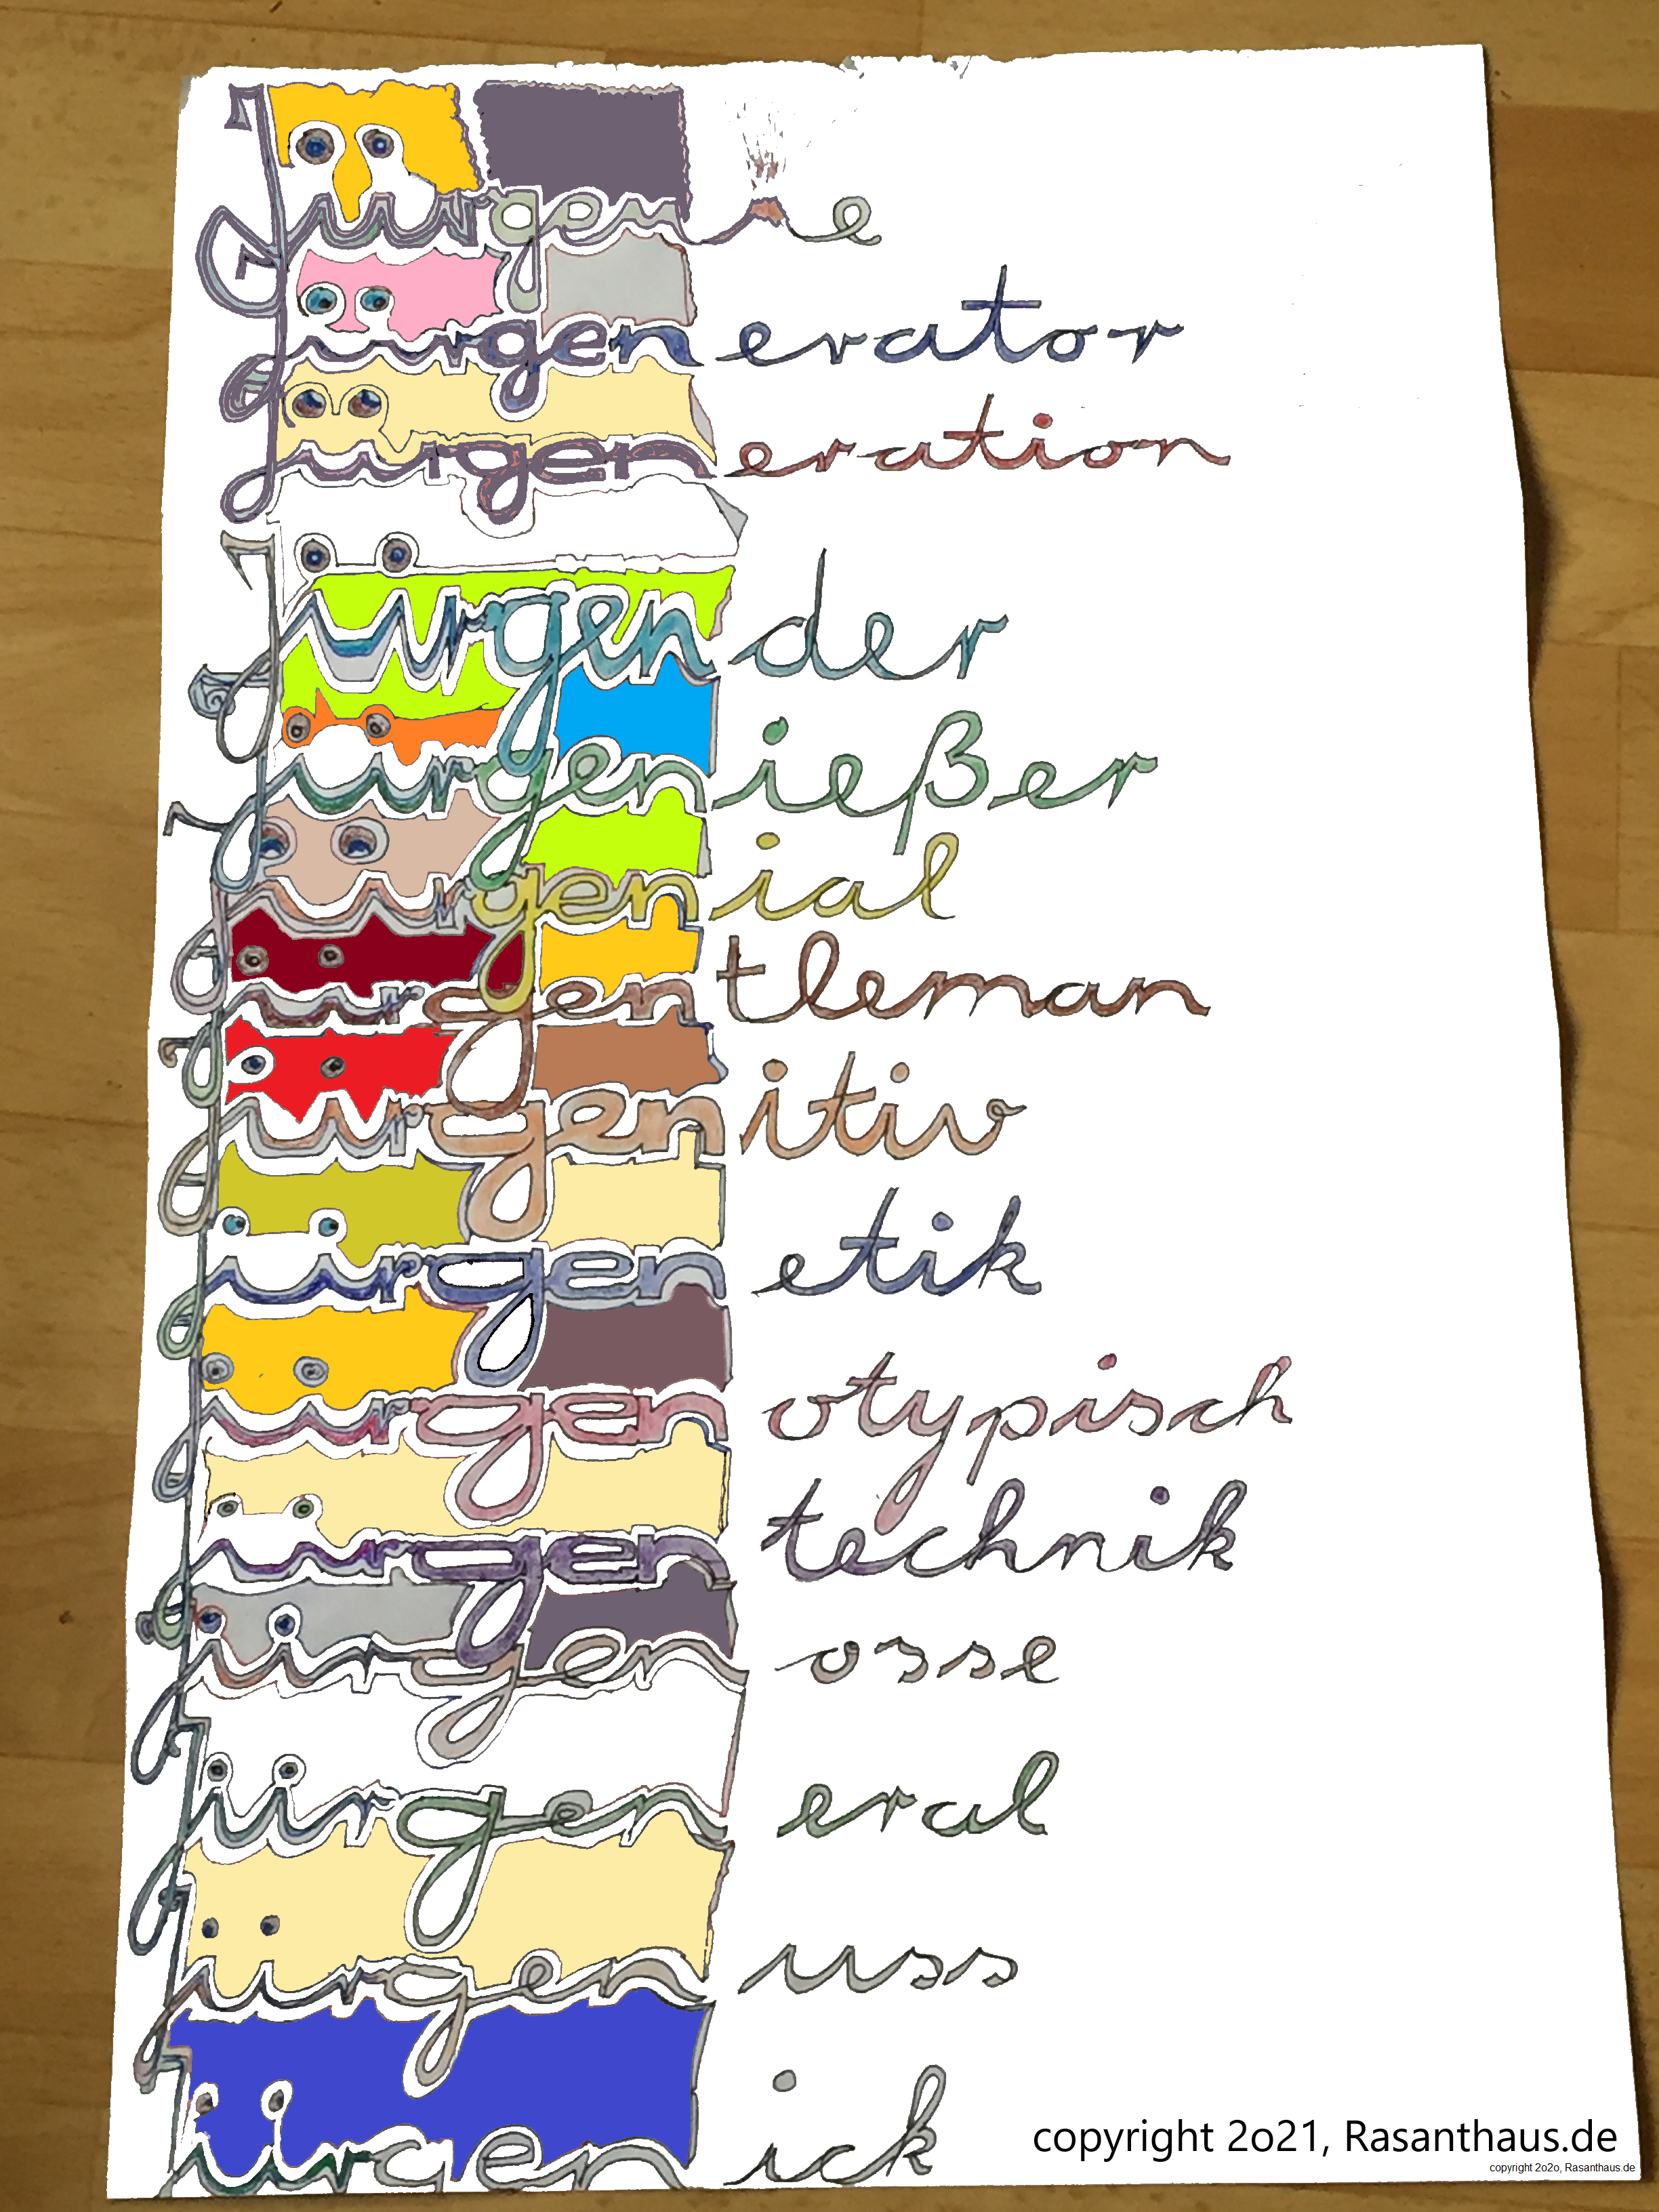 Begriffshochzeit des Vornamen Jürgen mit Genick als Jürgenick in künstlerischer Farbdarstellung